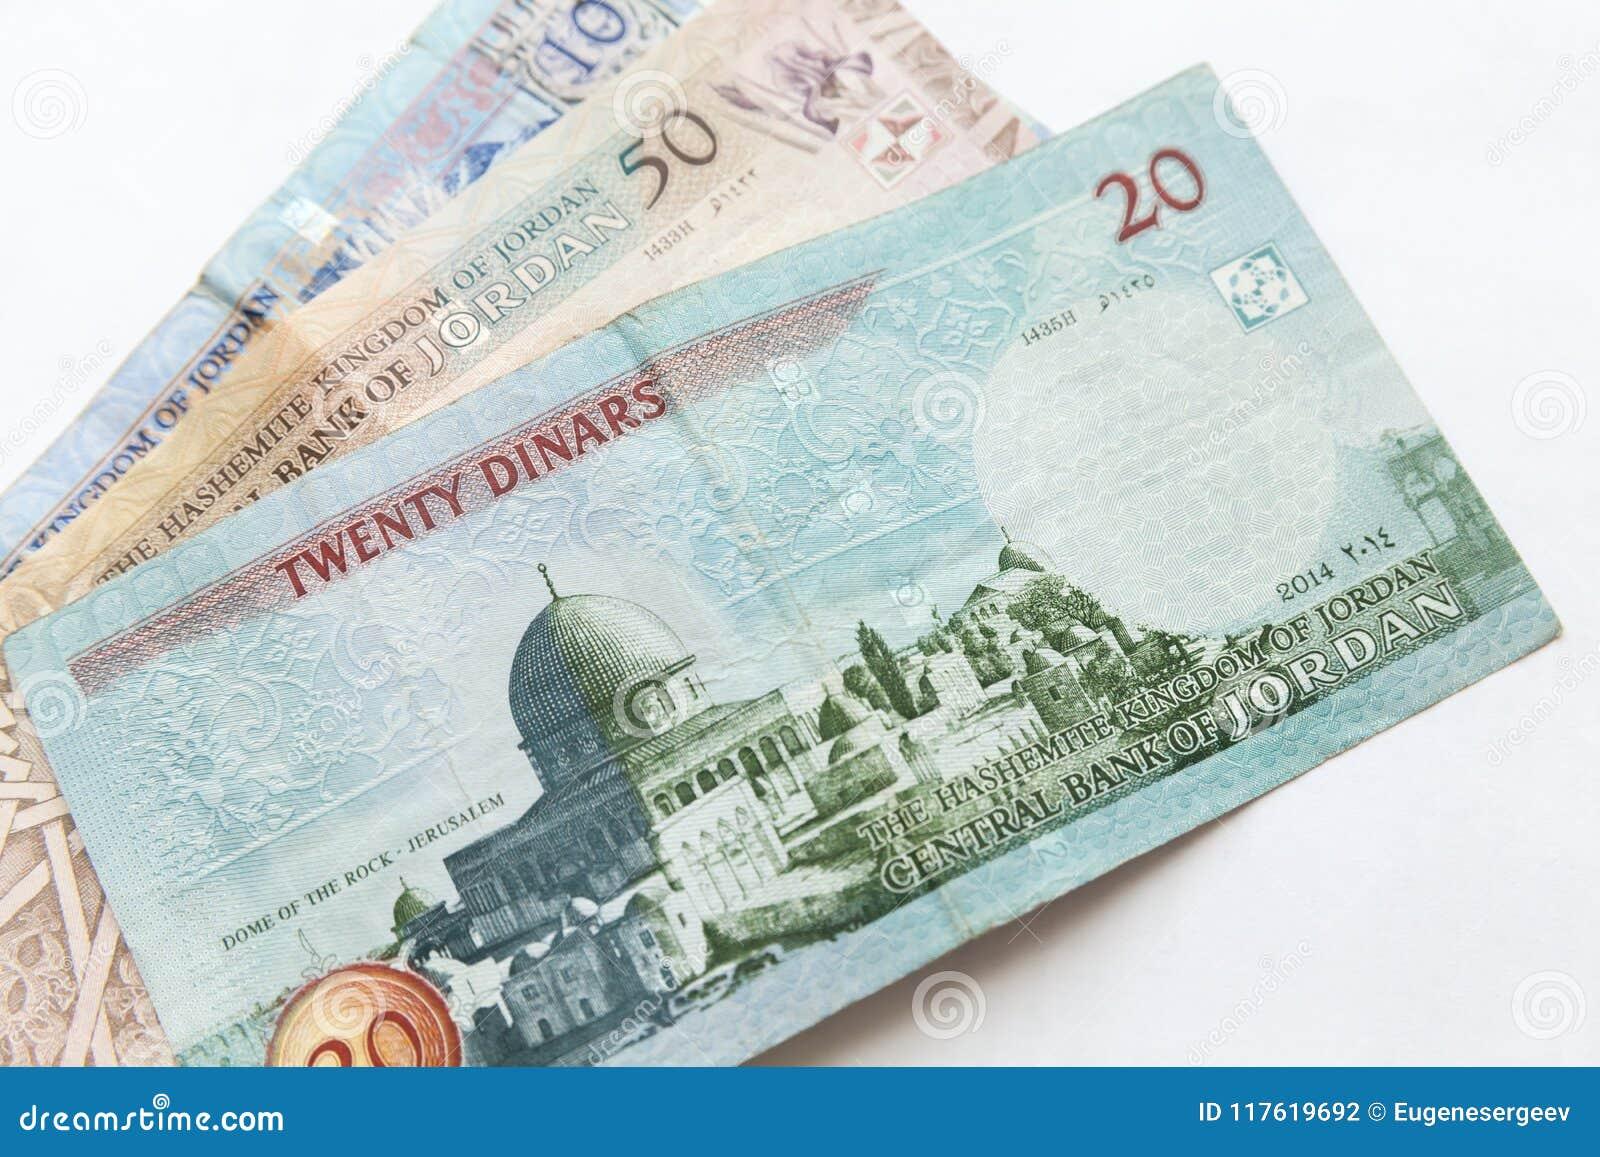 Jordanska dinar, sedlar lägger på vit